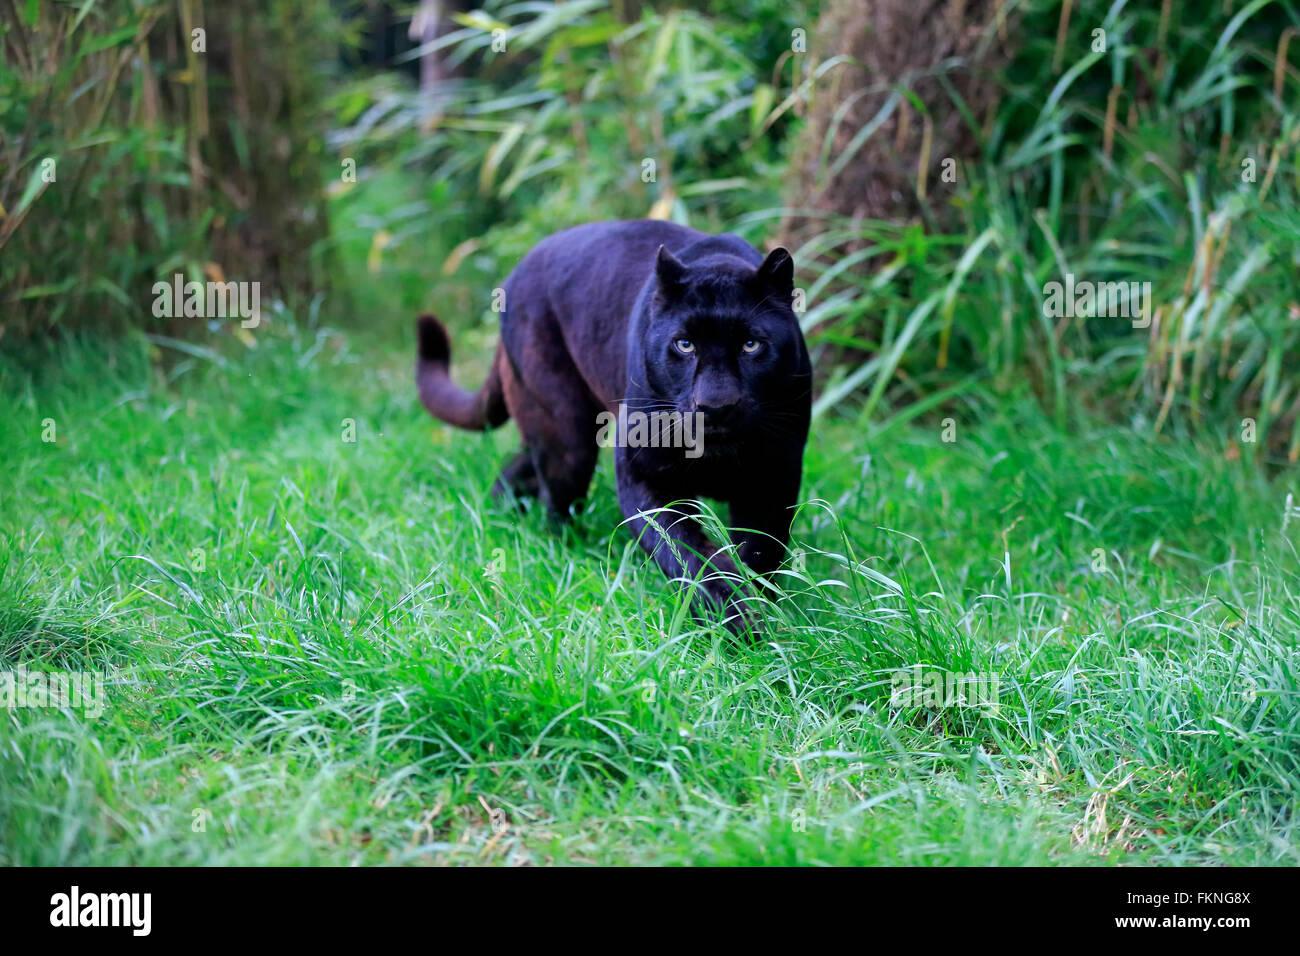 leopard schwarzer panther afrika panthera pardus. Black Bedroom Furniture Sets. Home Design Ideas